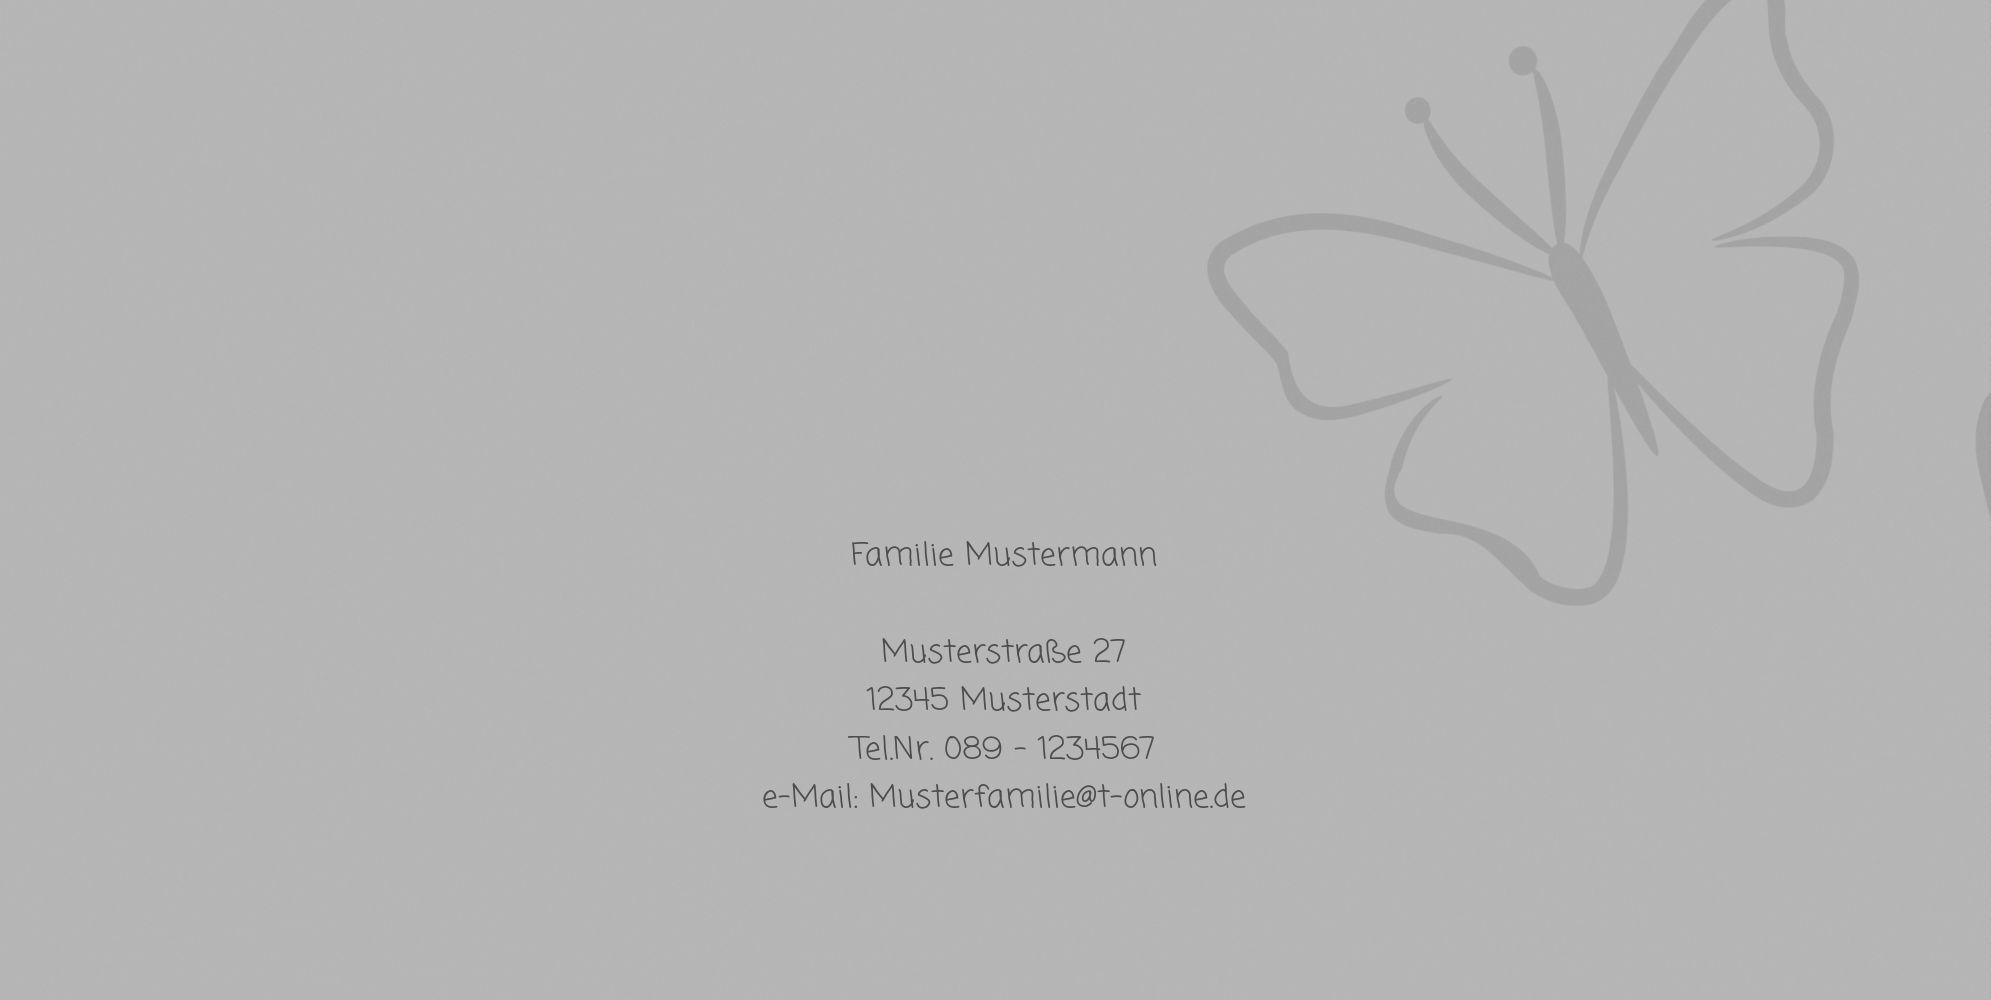 Ansicht 2 - Firmkarte Butterfly 2